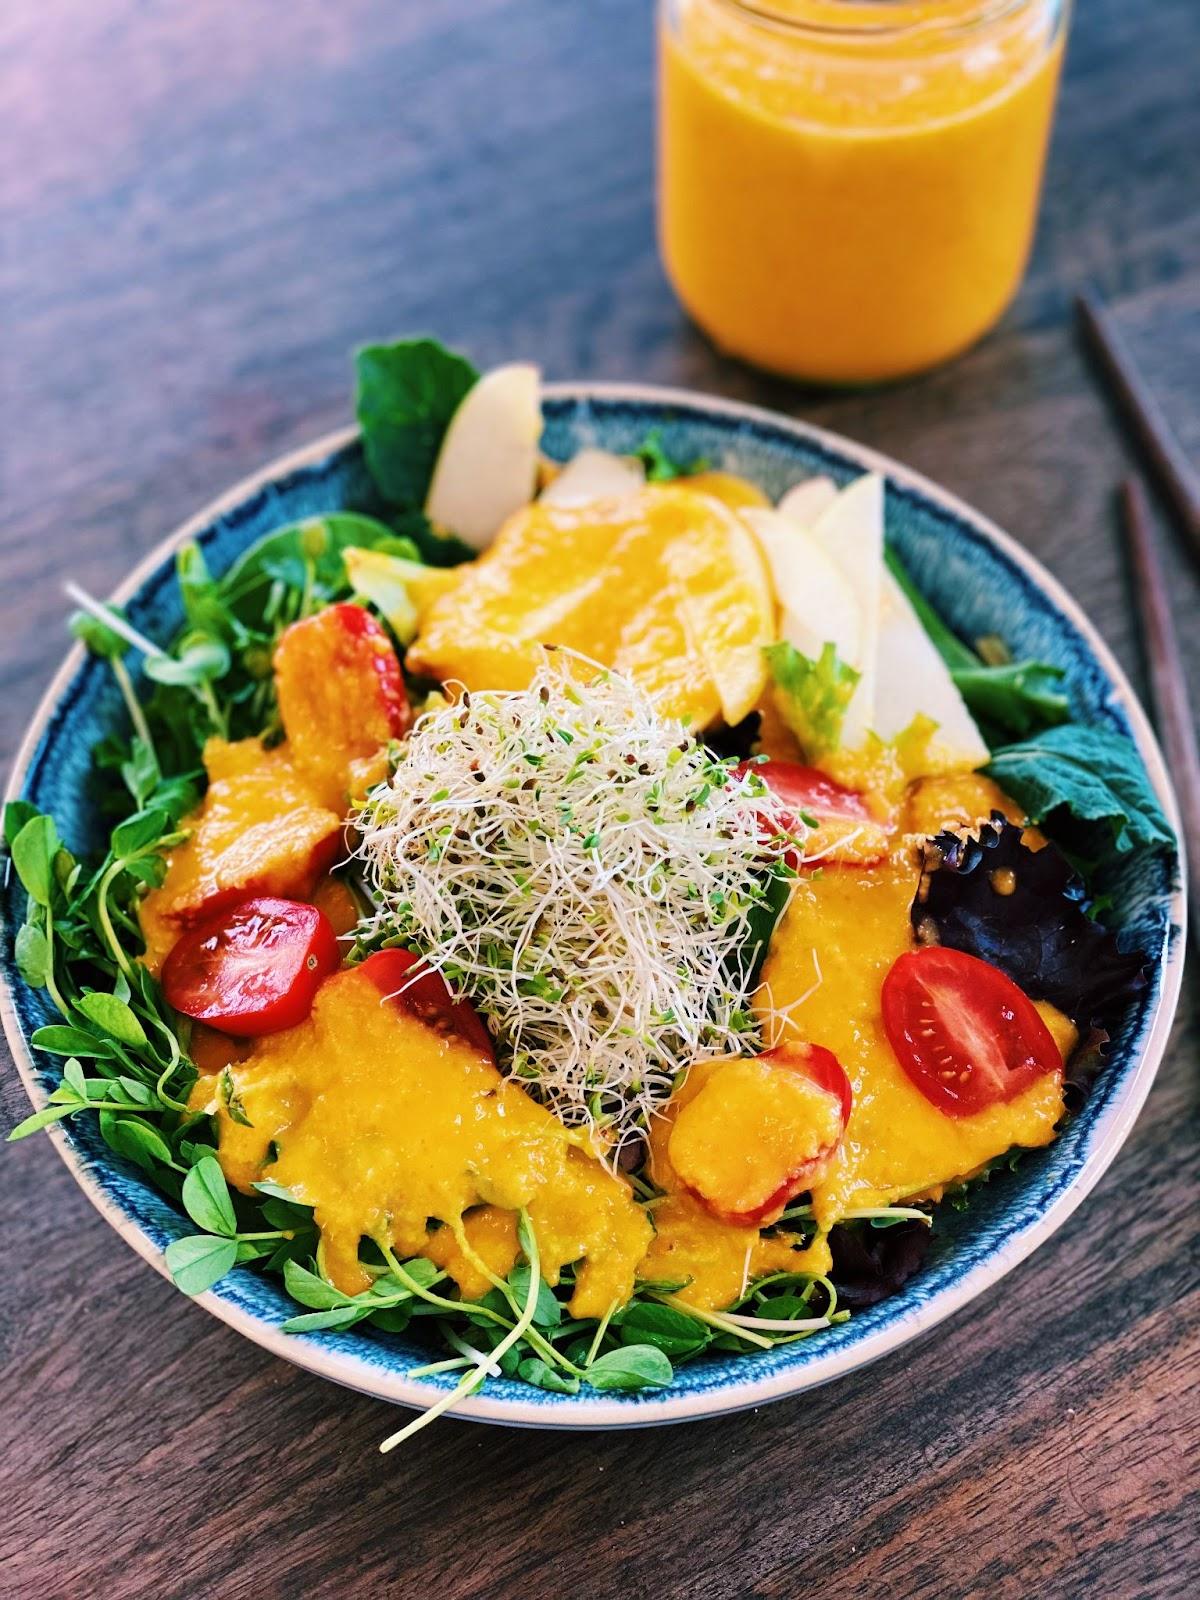 Japanese Ginger Salad Dressing (10 Minutes!)